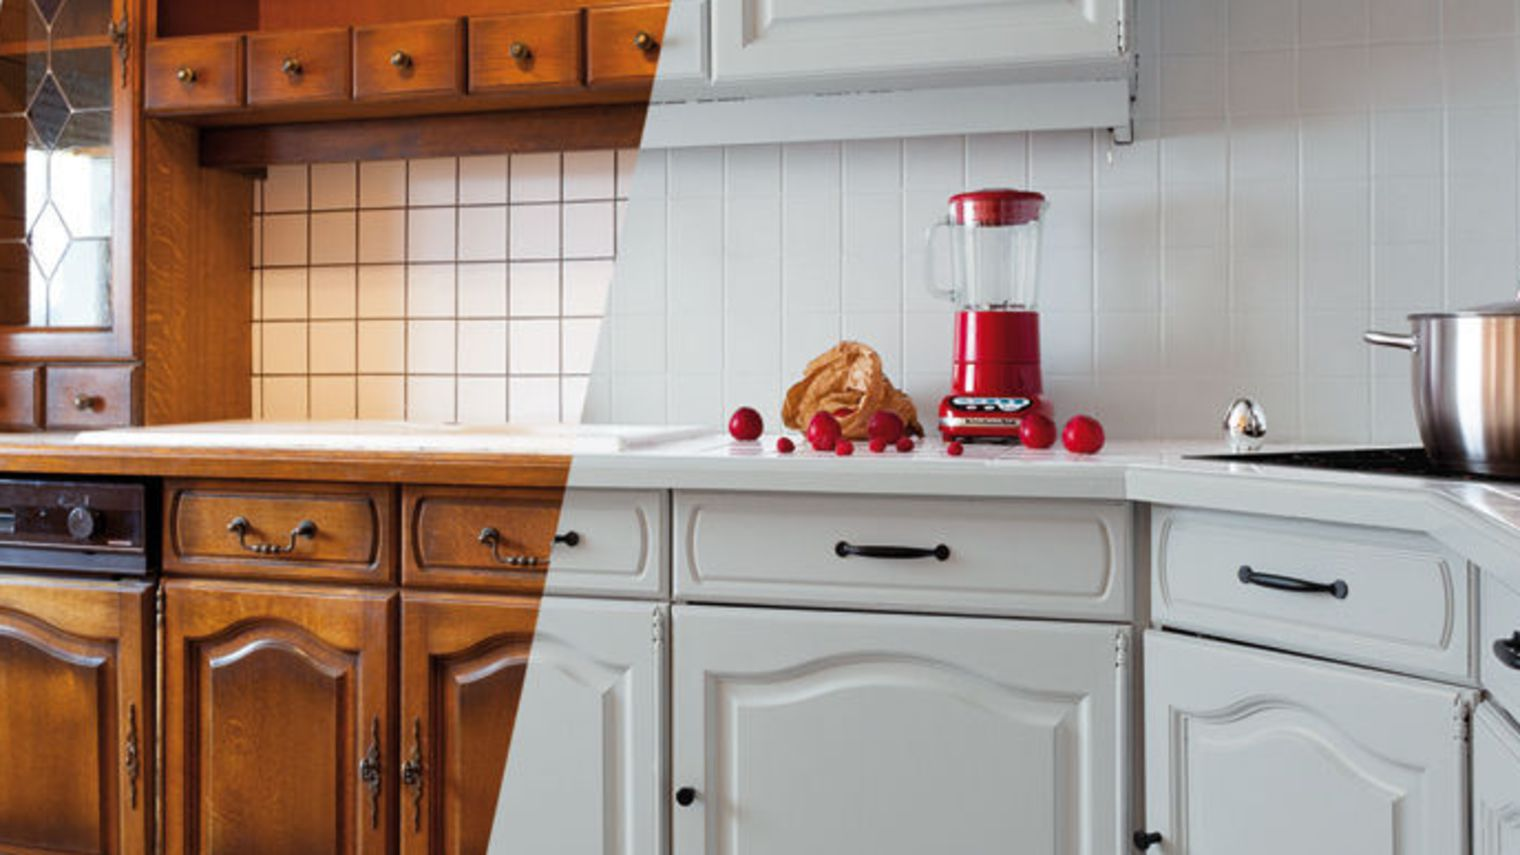 Carreaux Pour Cuisine Conseils Pour Appliquer Rsinence Conseils - Stickers carrelage cuisine 15x15 pour idees de deco de cuisine